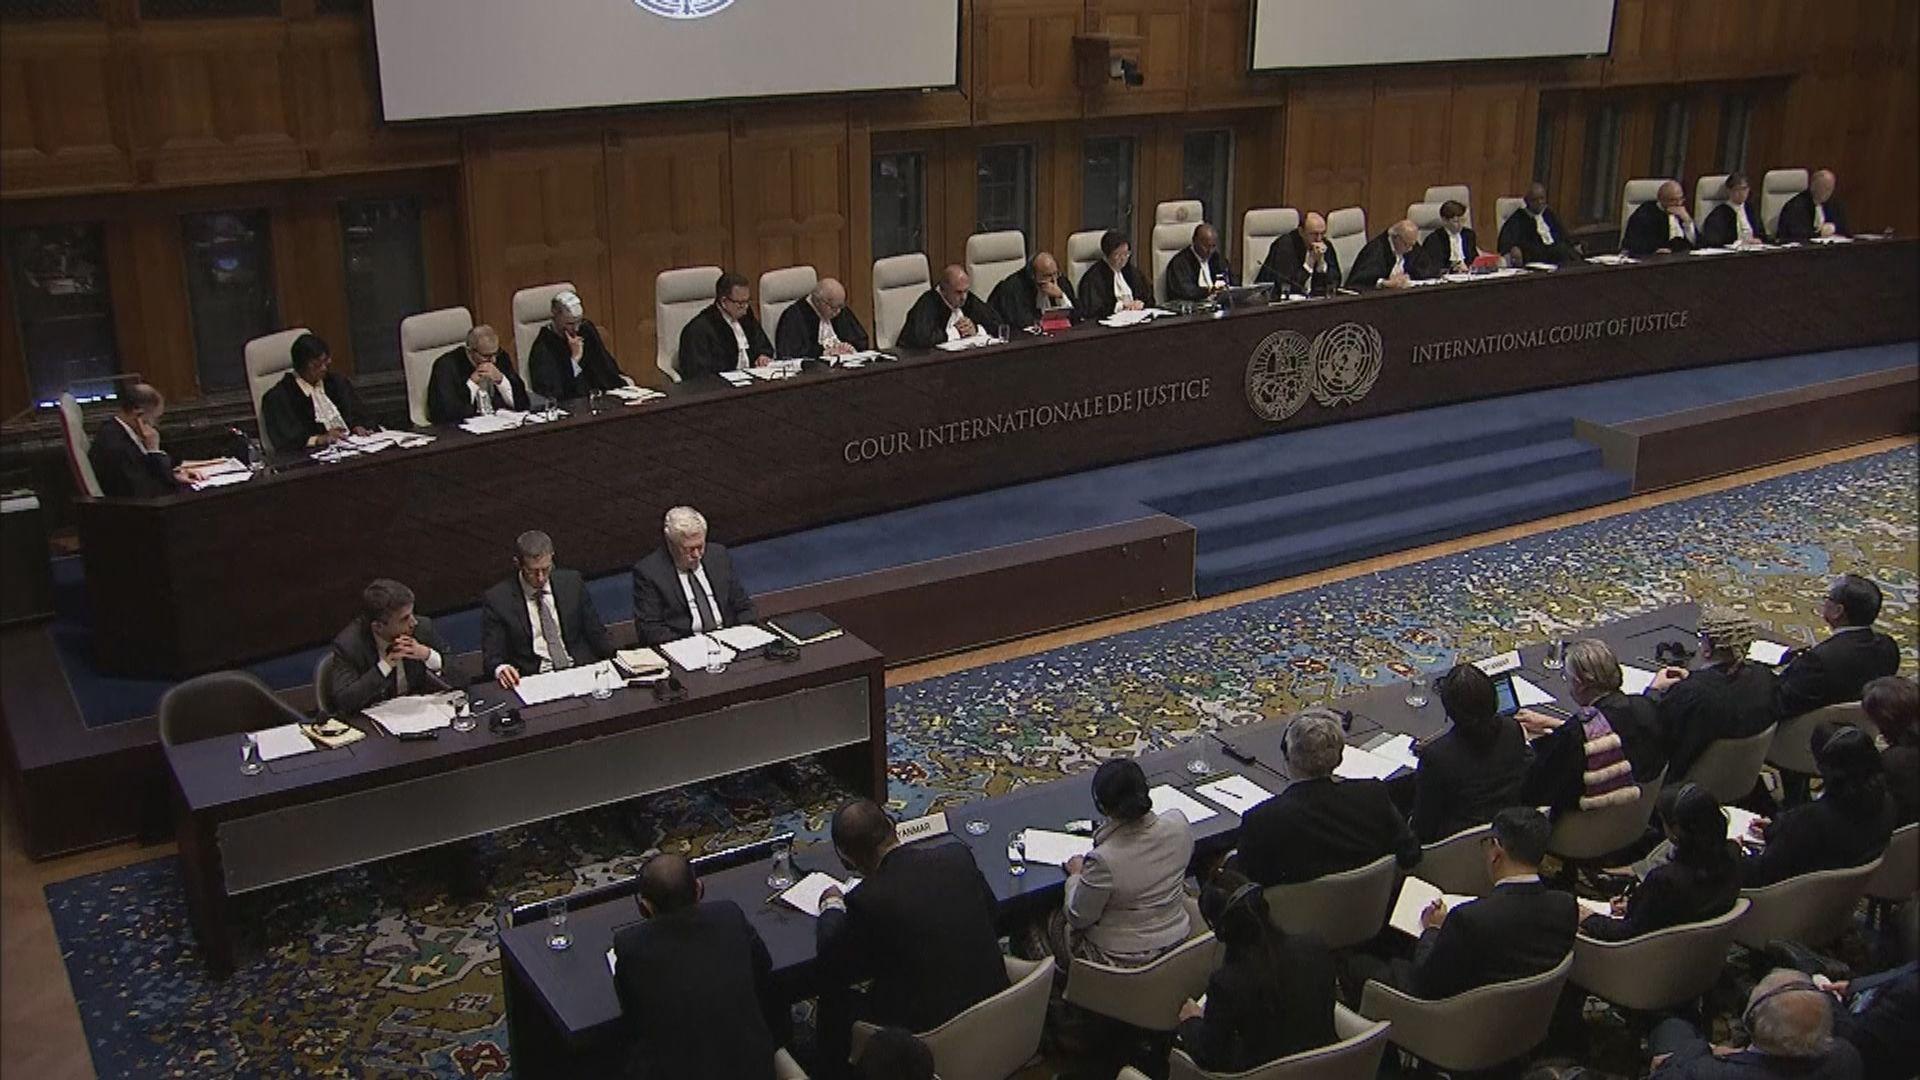 國際法院下令緬甸採取措施保護羅興亞人